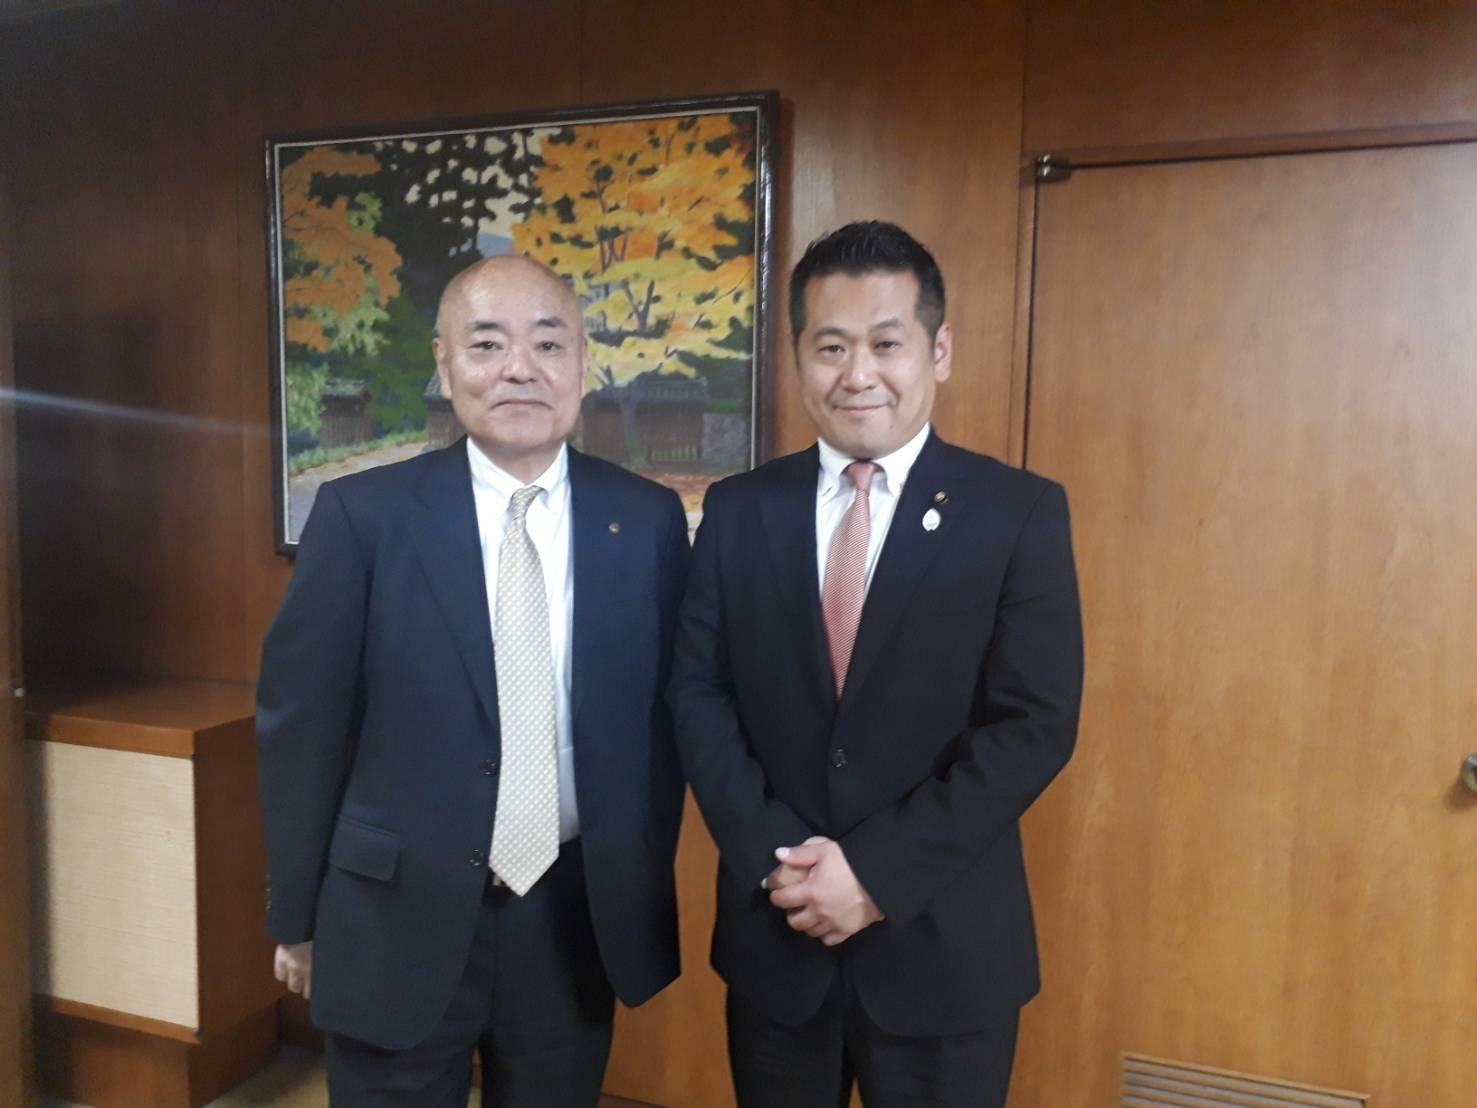 私が議員になる前からお世話になっている田中敏彦氏が、6月に河合町副町長に就任し、表敬訪問@河合町役場